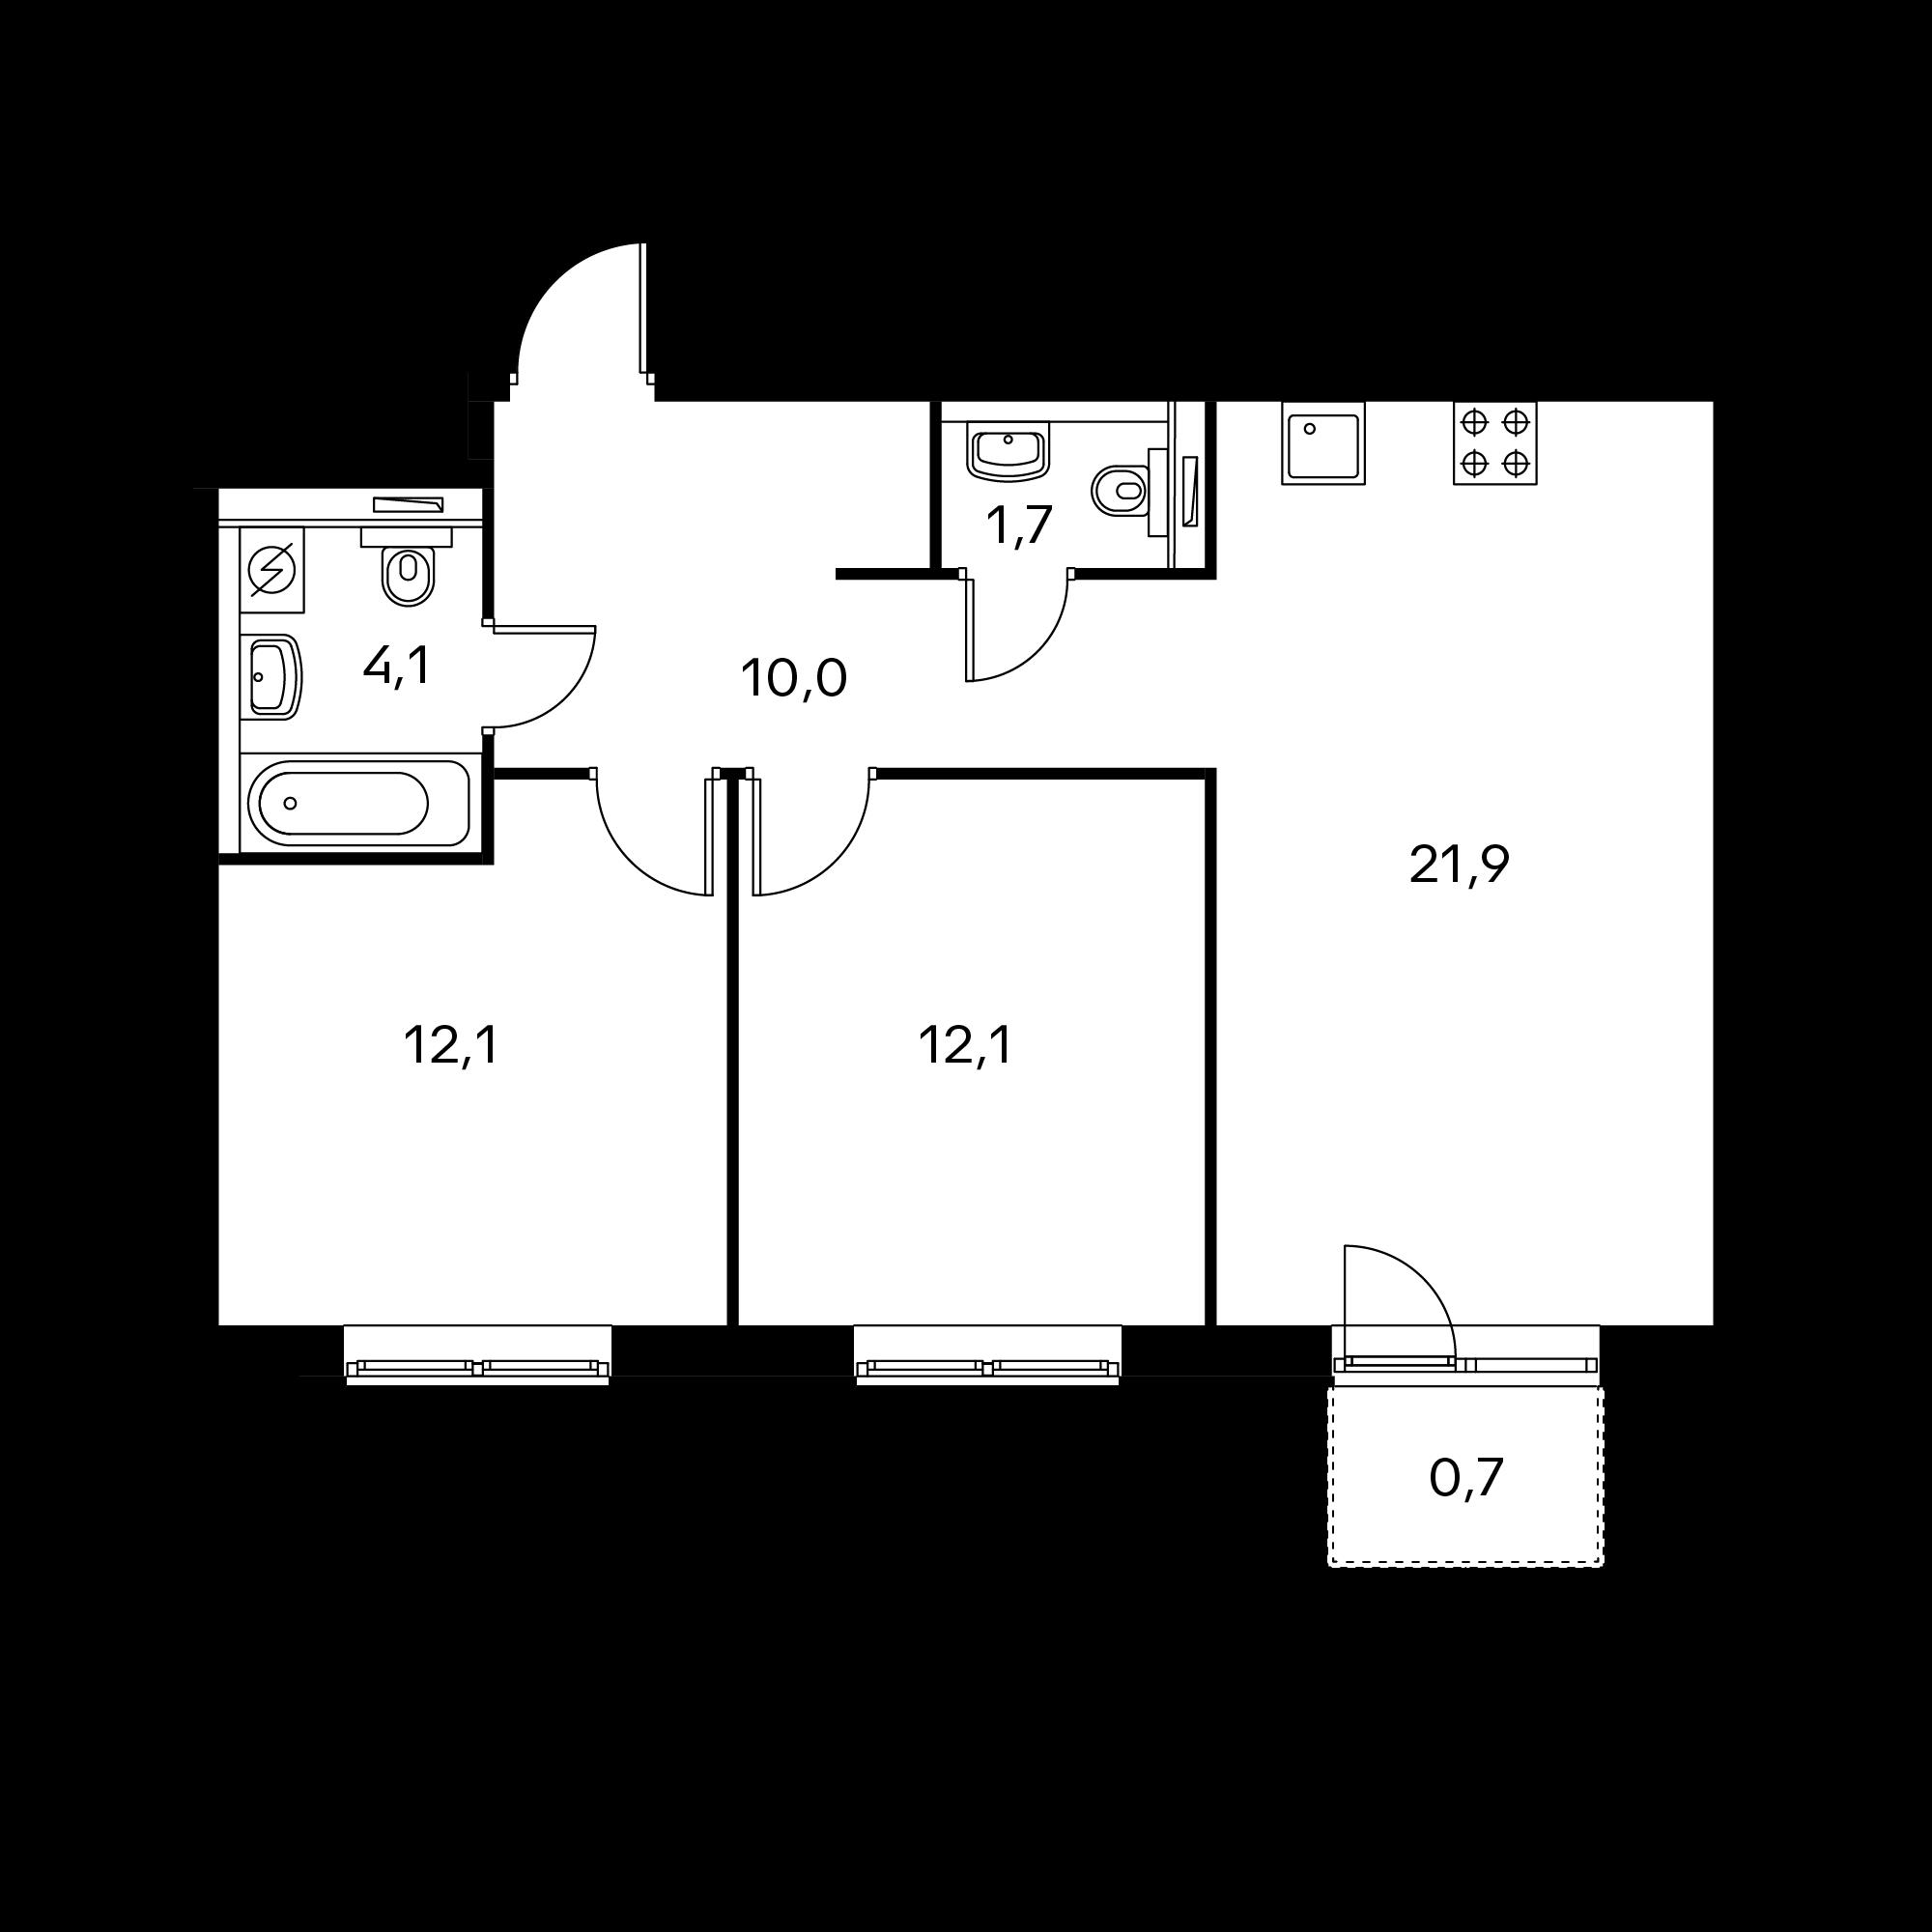 2EL7_10.5-1_B